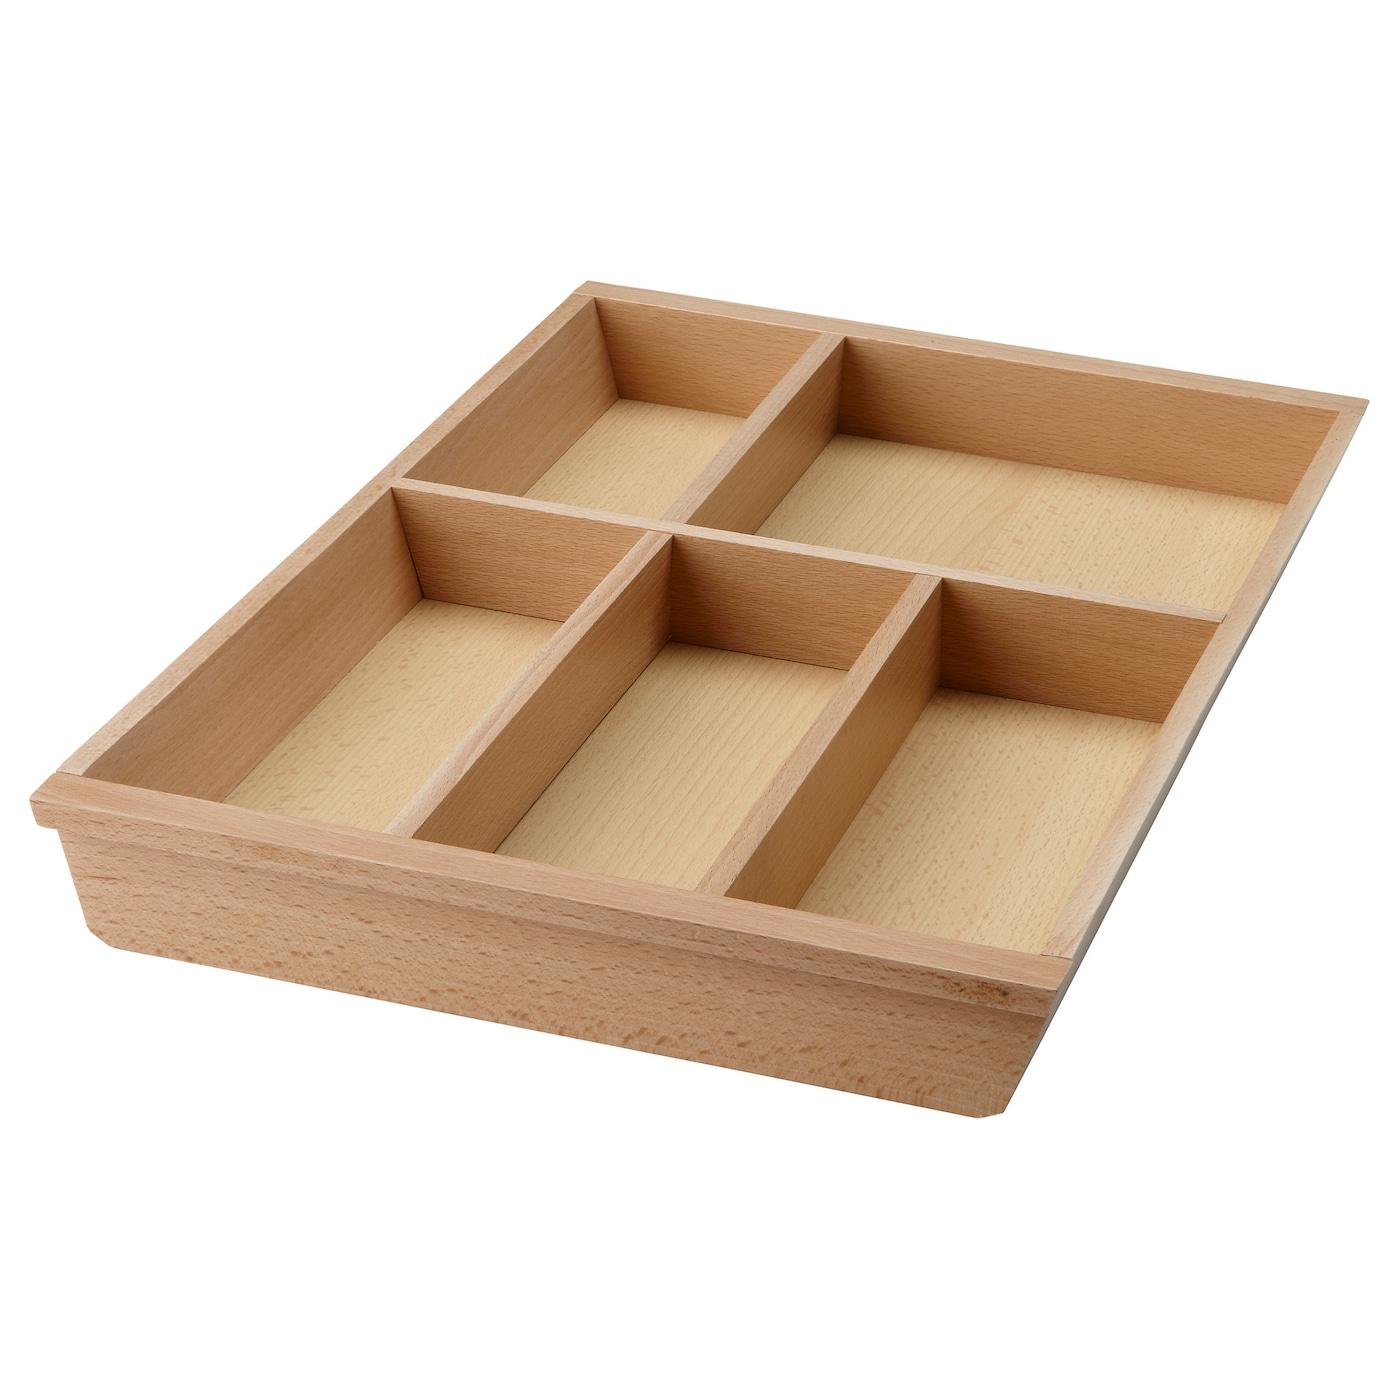 Коробка под ложки своими руками